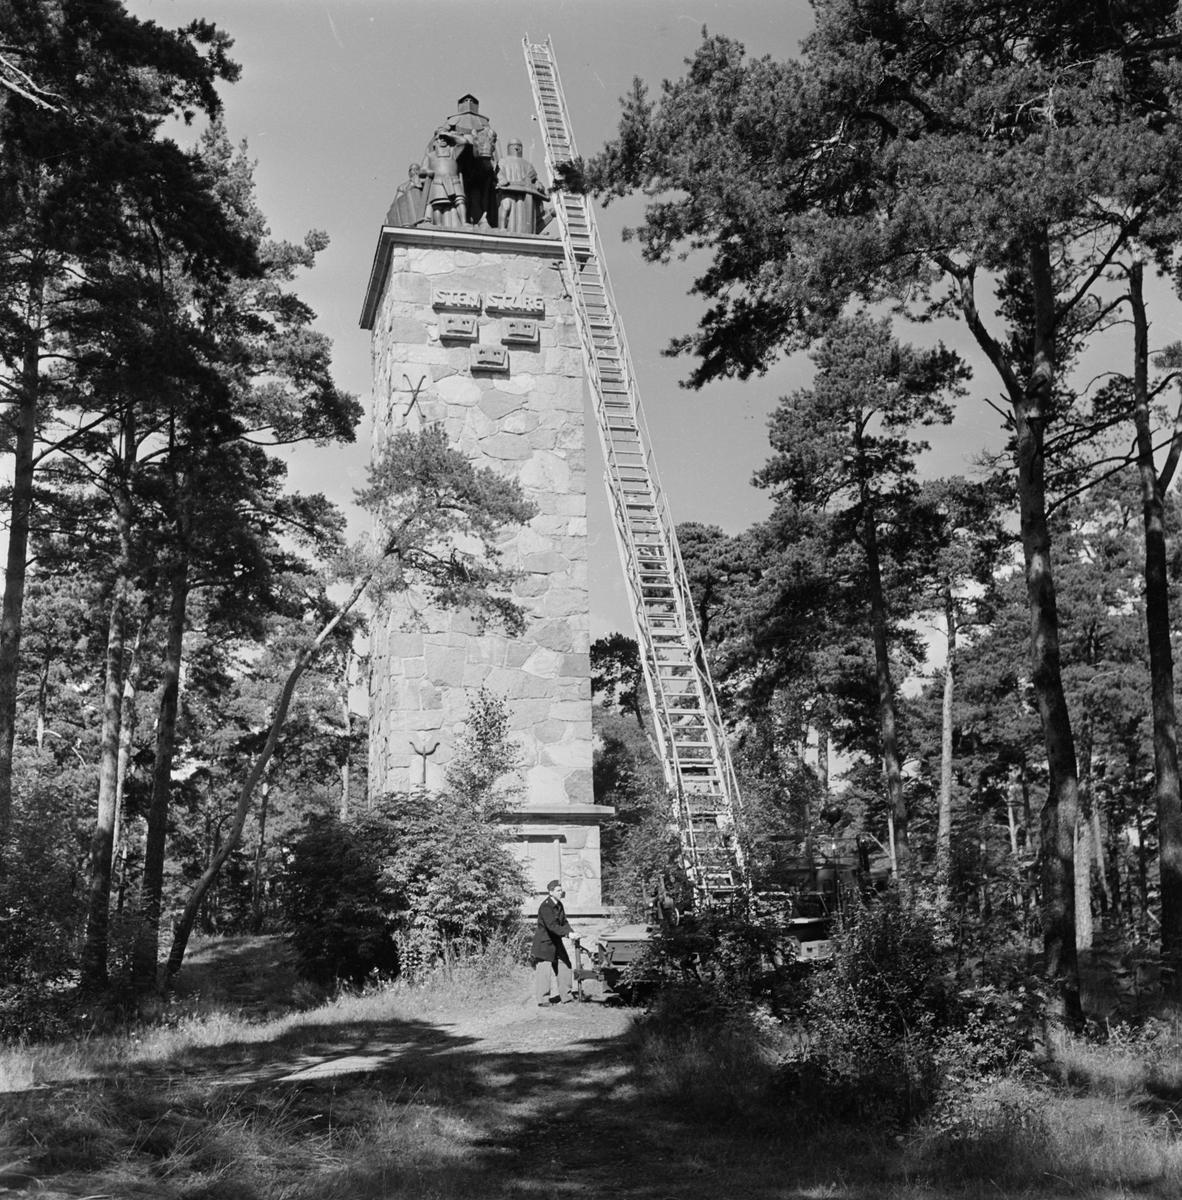 Brandbil meg stege vid Sten Sturemonumentet på Kronåsen, Uppsala